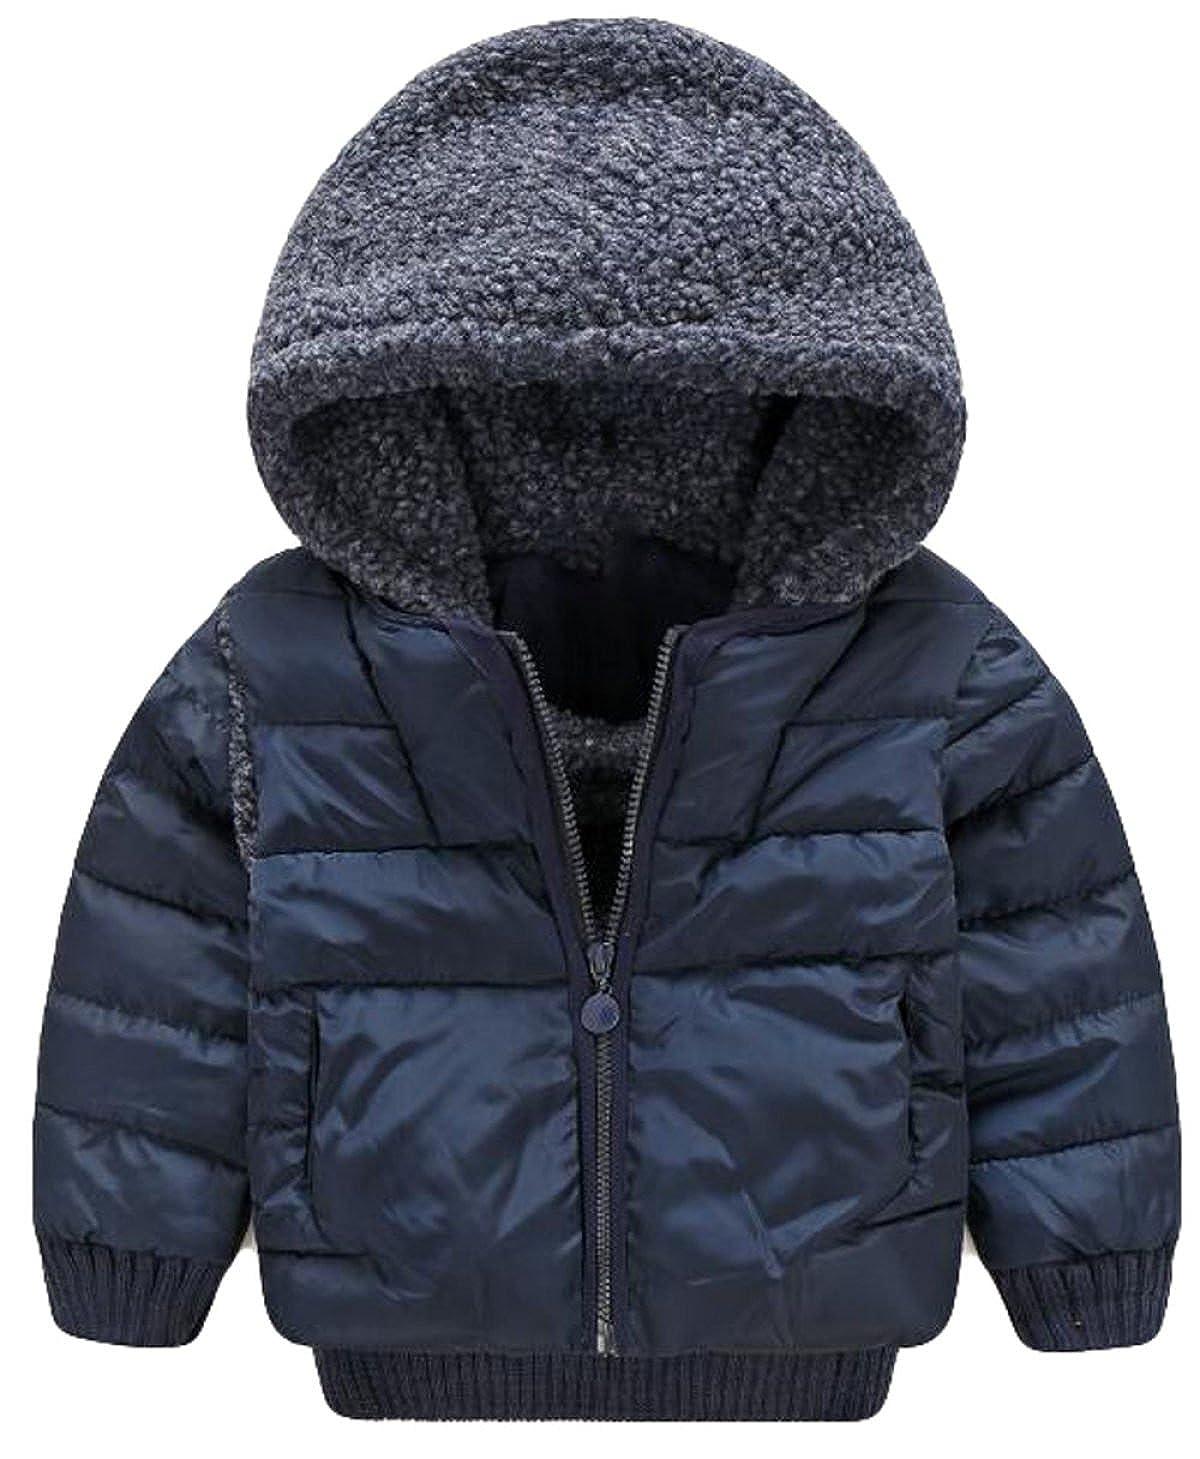 bleu2 M Hiver Chaud Enfants mode Pièce Matelassée